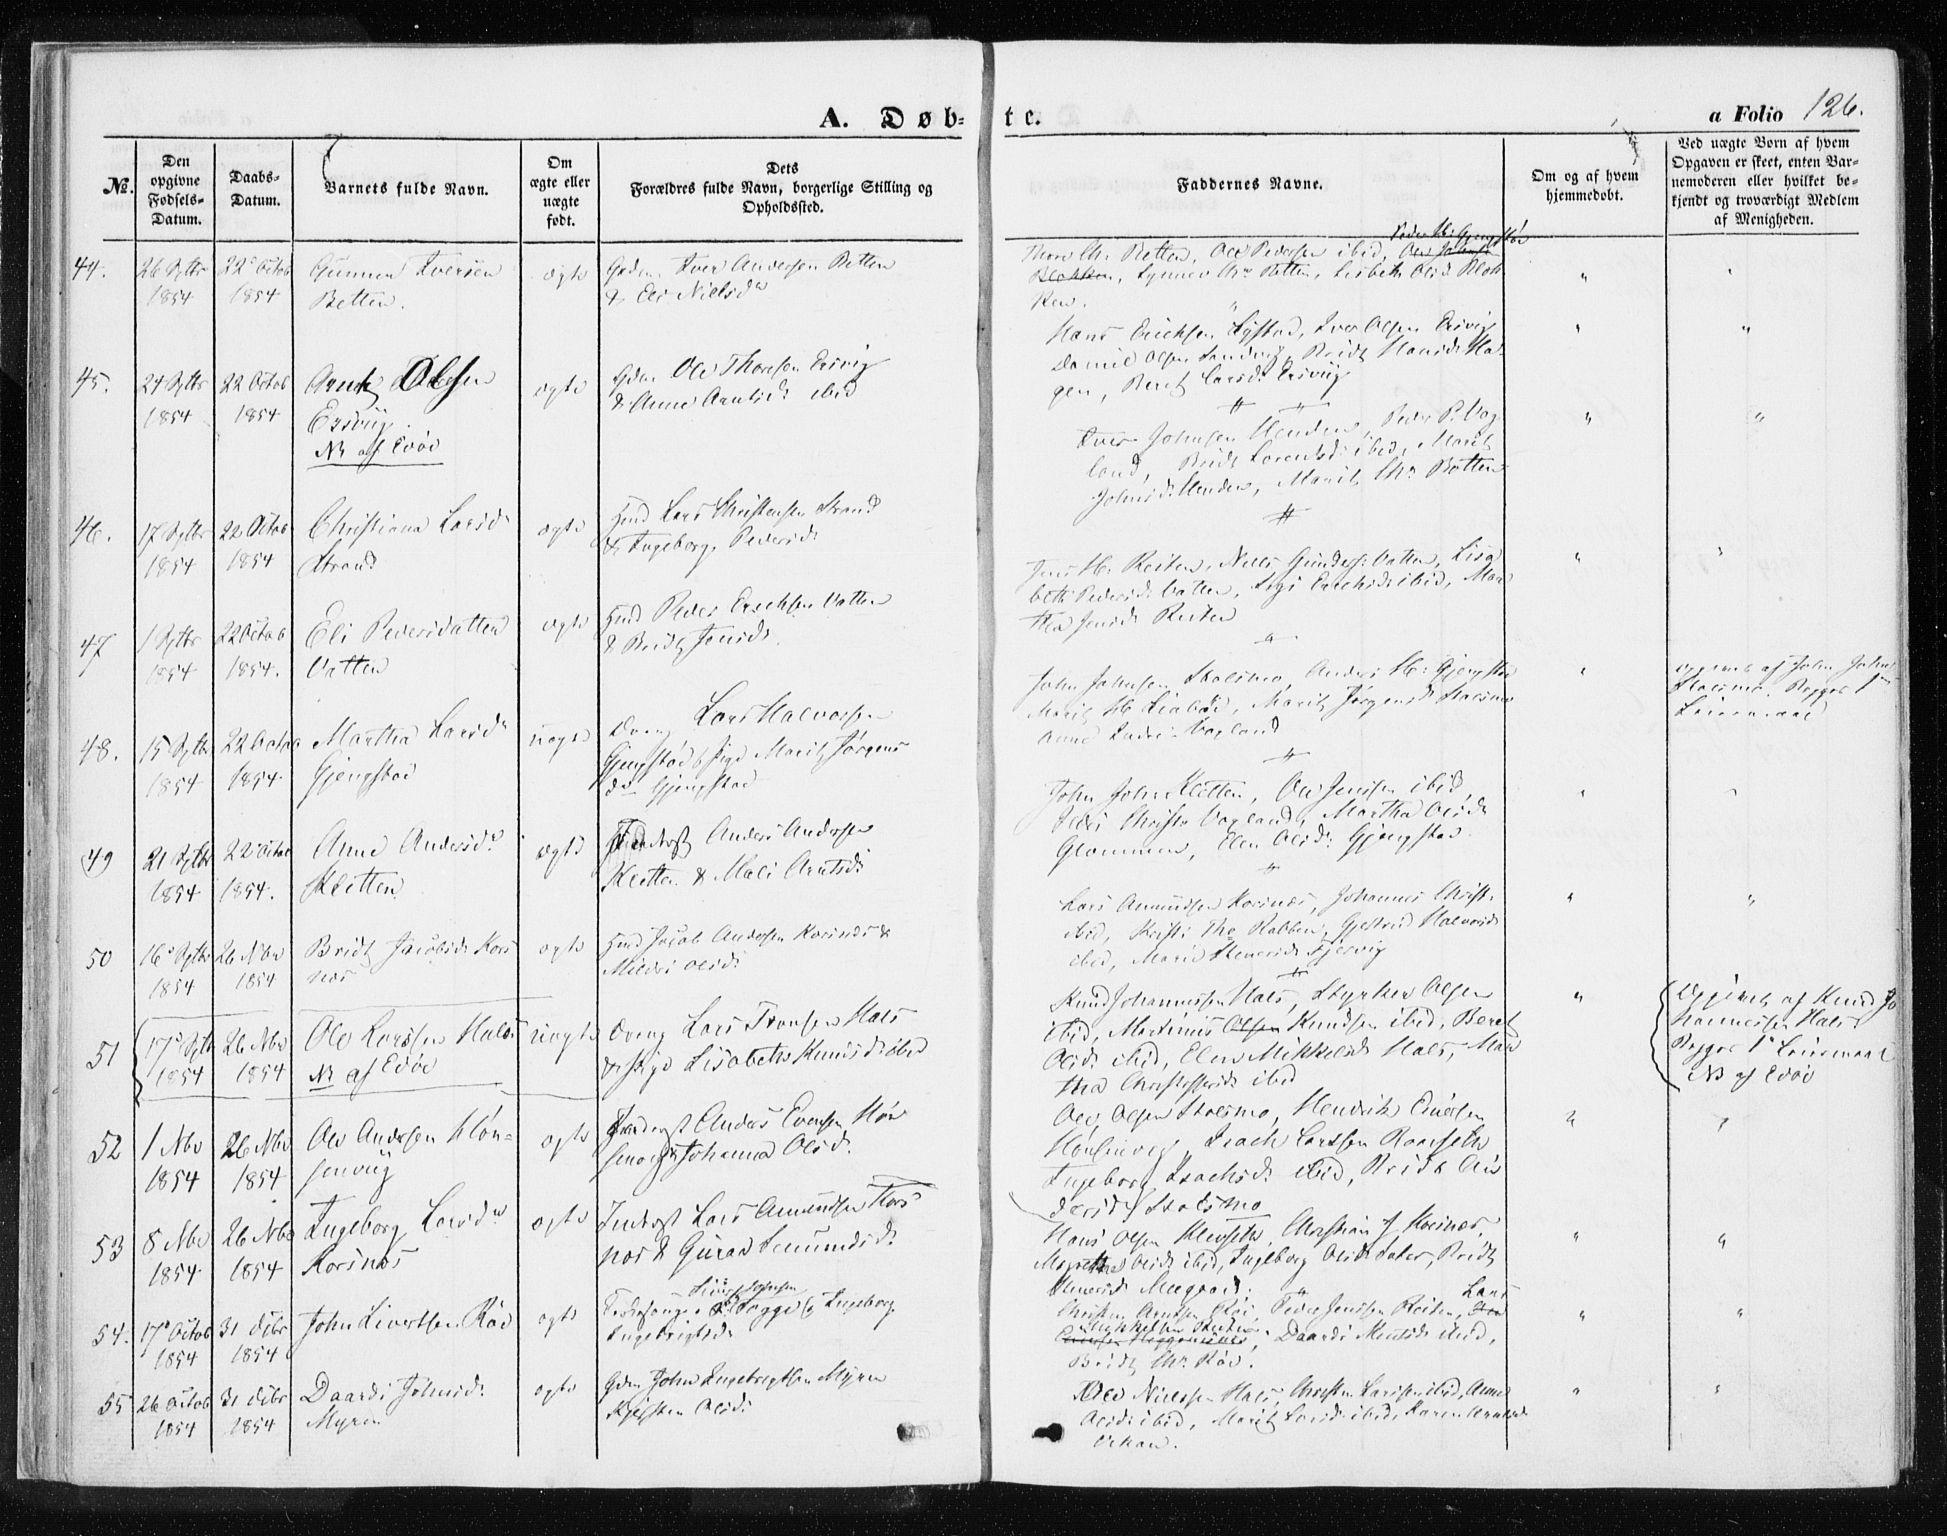 SAT, Ministerialprotokoller, klokkerbøker og fødselsregistre - Møre og Romsdal, 576/L0883: Ministerialbok nr. 576A01, 1849-1865, s. 126